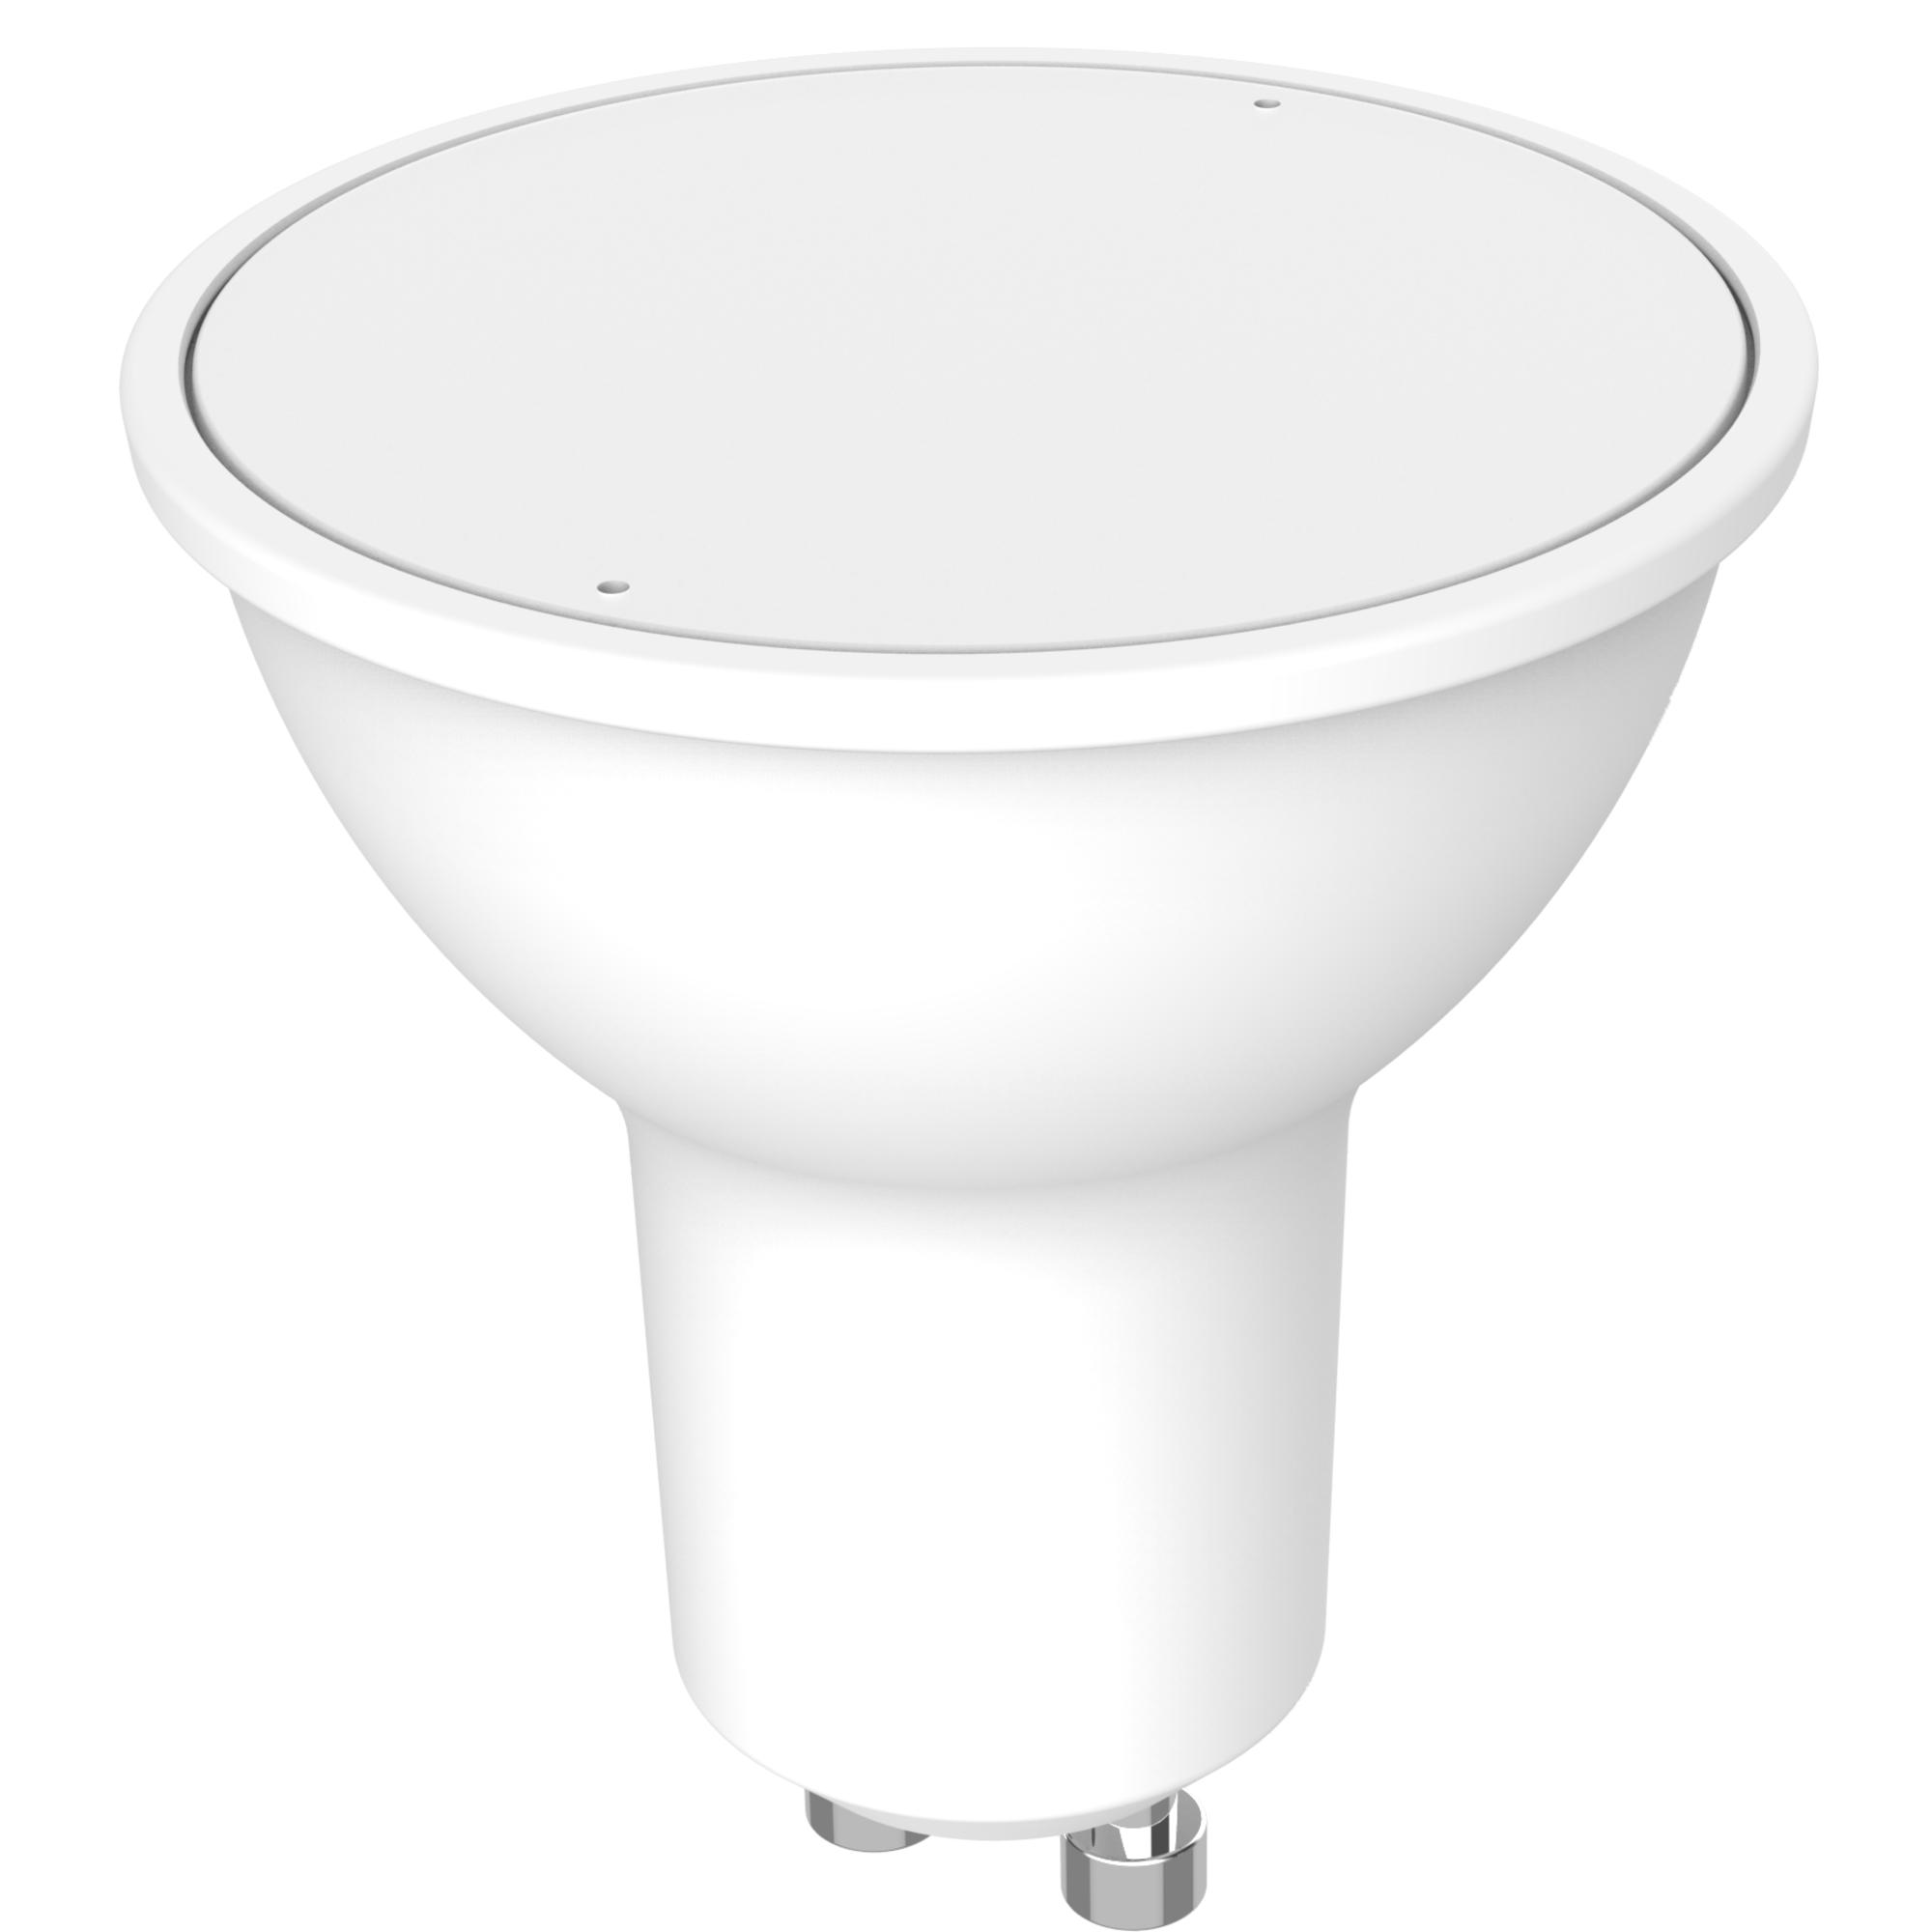 Лампа светодиодная Lexman GU10 220 В 8.3 Вт матовая 670 лм тёплый белый свет